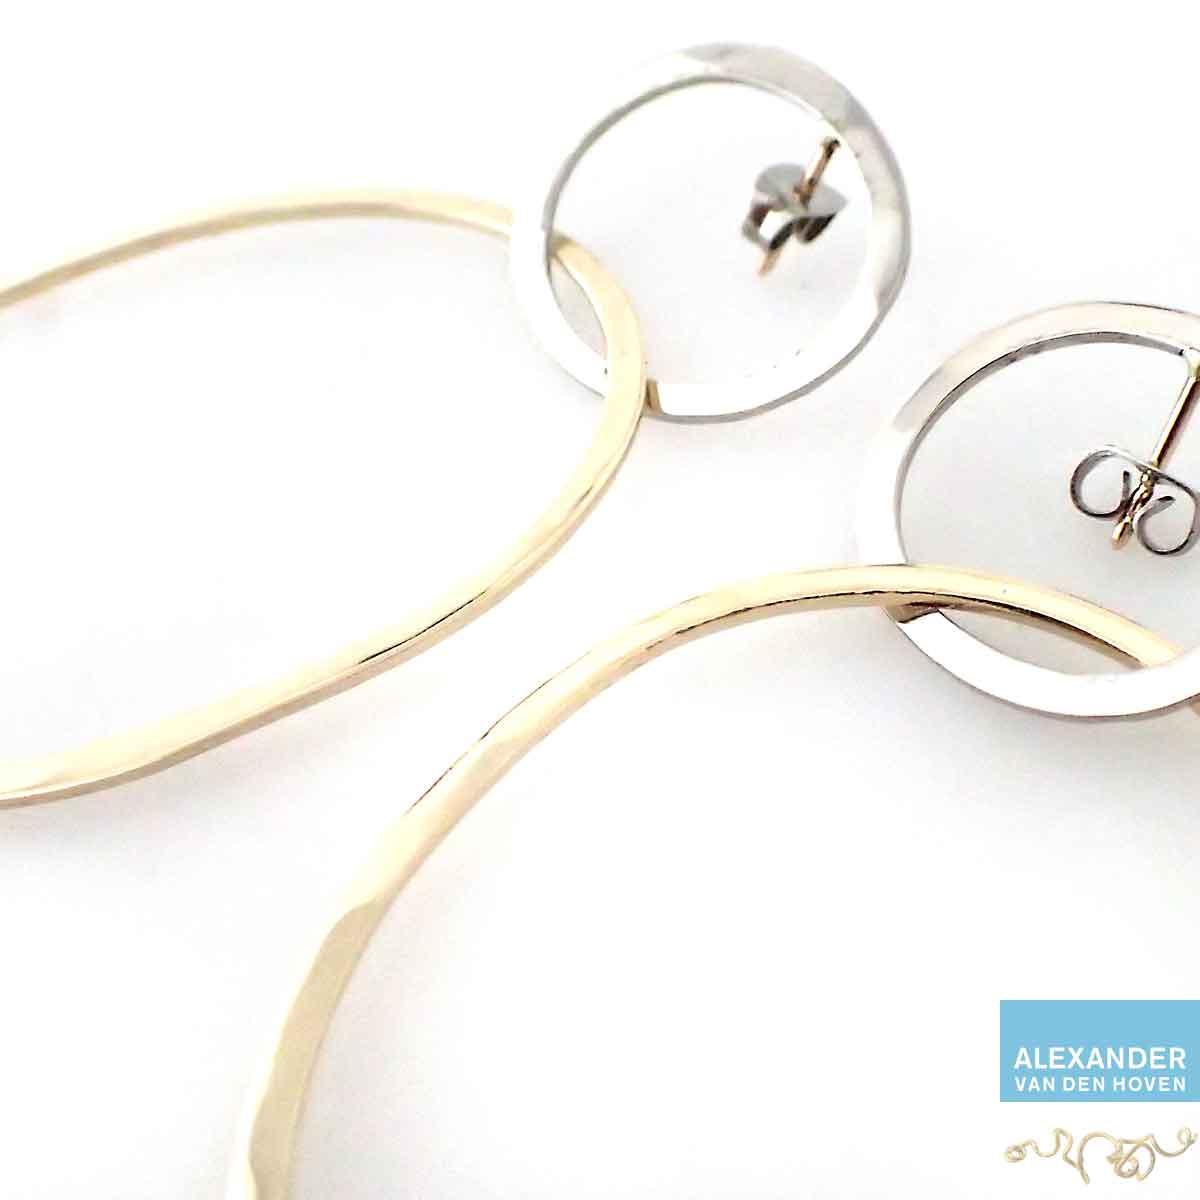 Oorknoppen-oud-goud-Alexander-oorsieraad